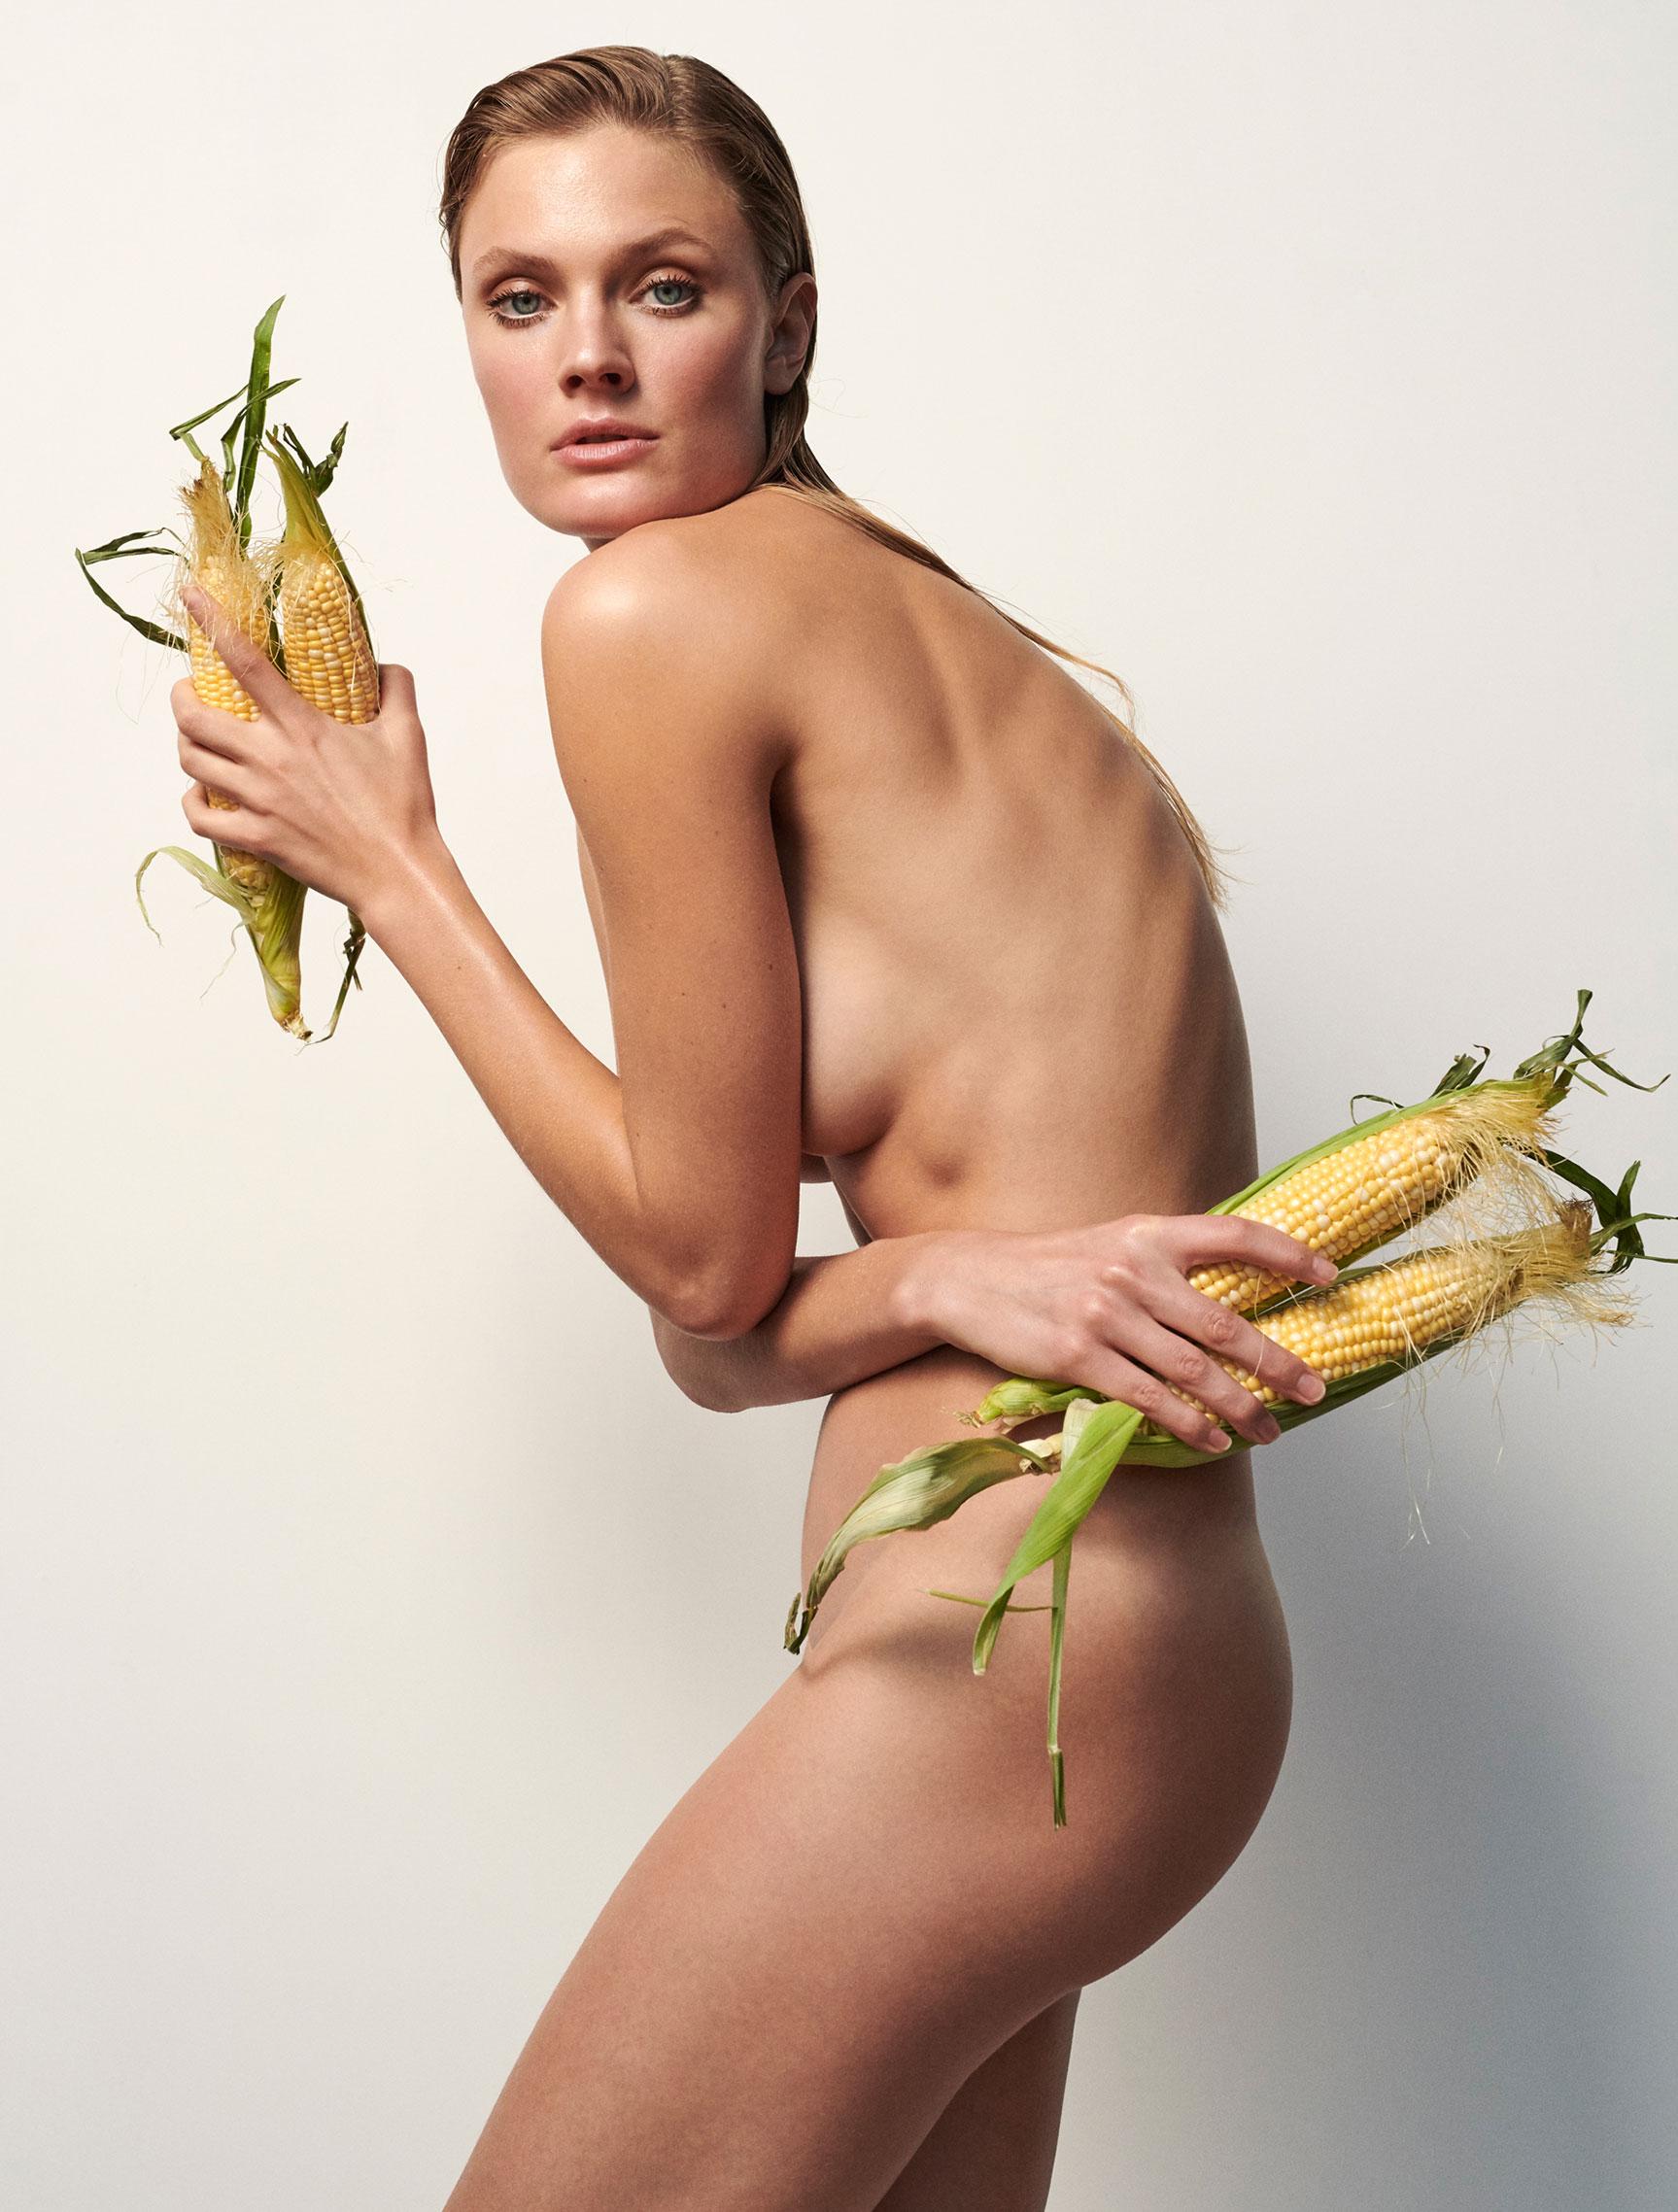 Полезная еда и голая женщина / фото 09